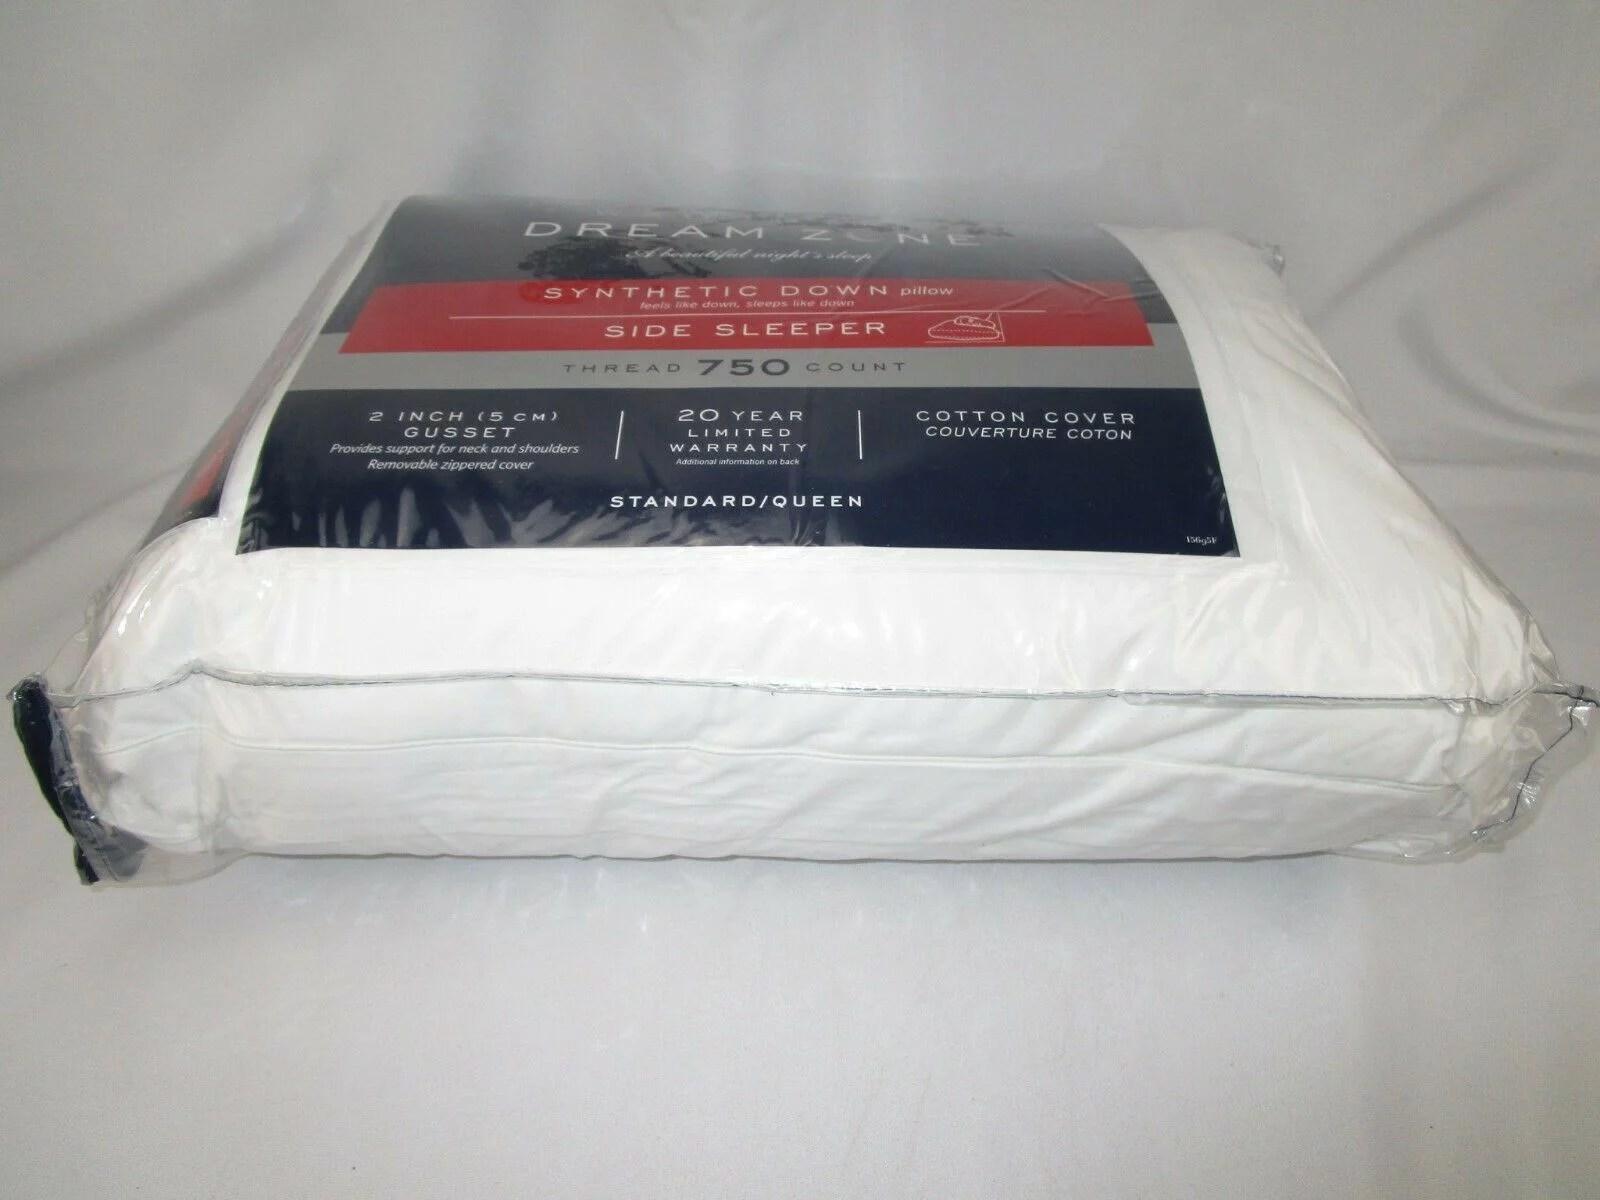 wamsutta dream zone synthetic down standard queen side sleeper pillow